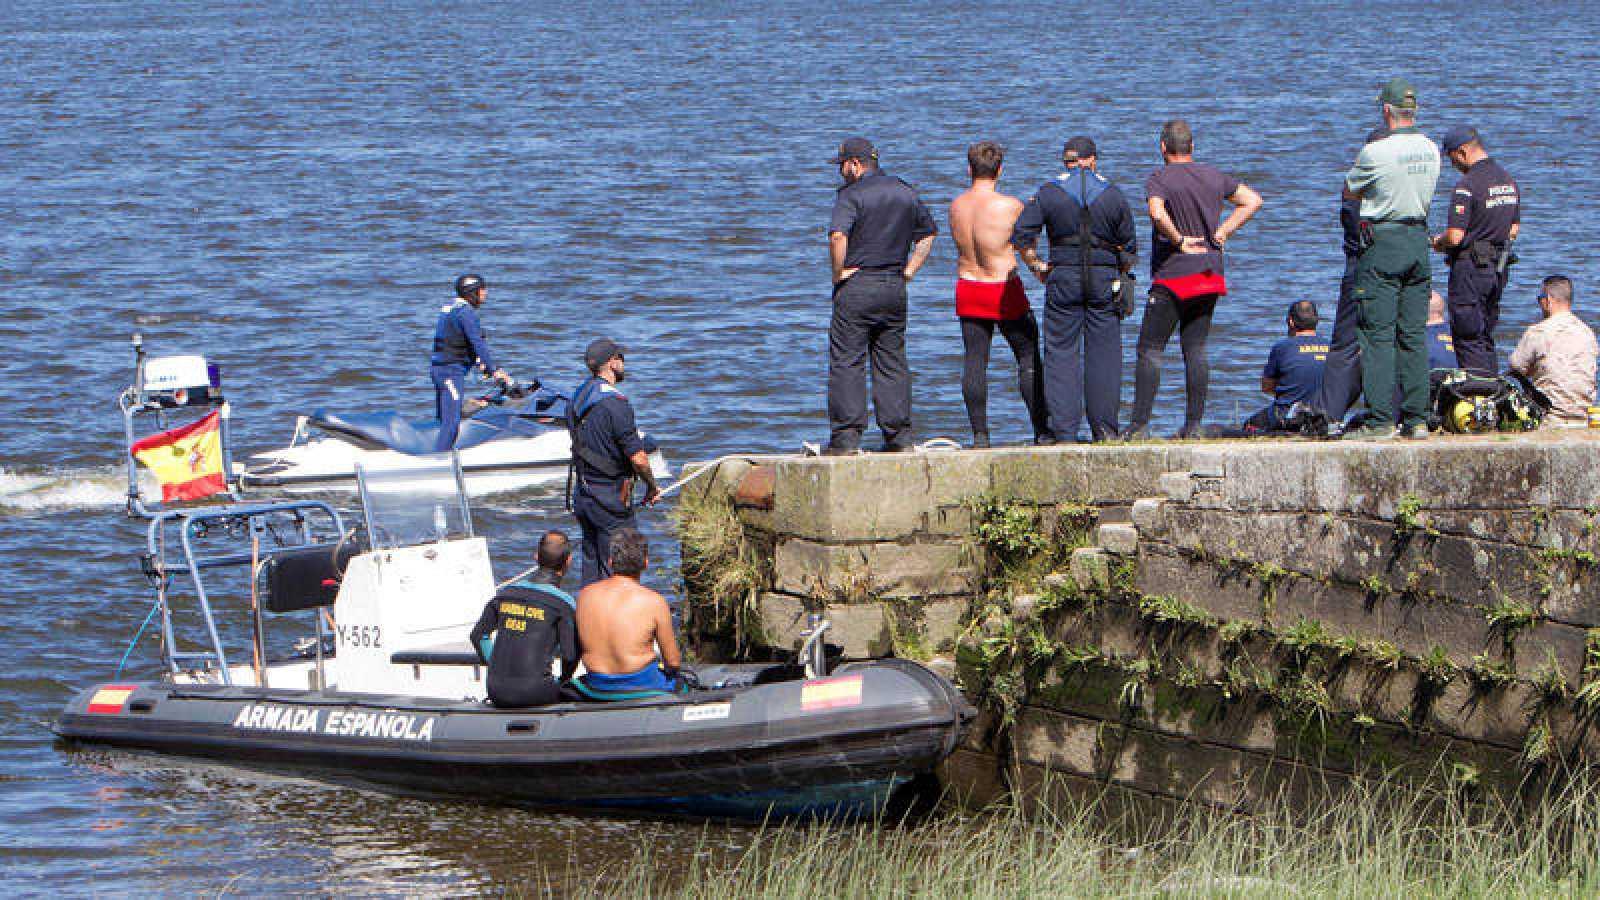 Una imagen del operativo de búsqueda del triatleta portugués.